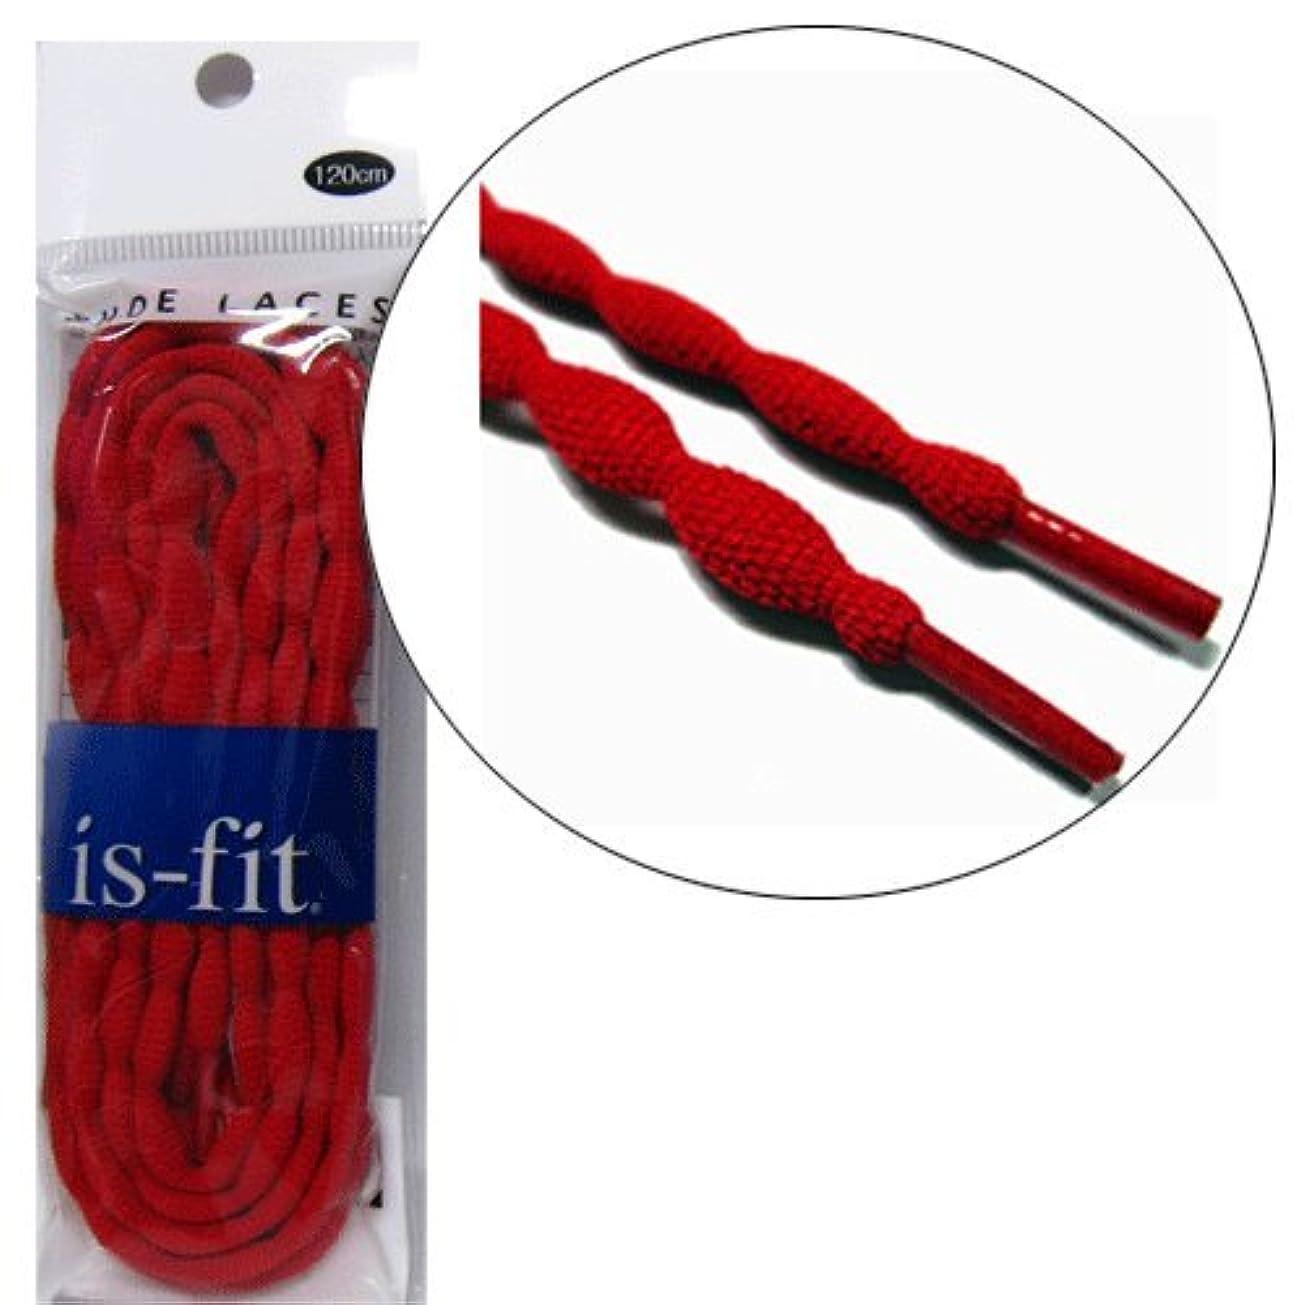 助言ぼかし特異性is-fit NT-3 ノッティ  レッド  120cm